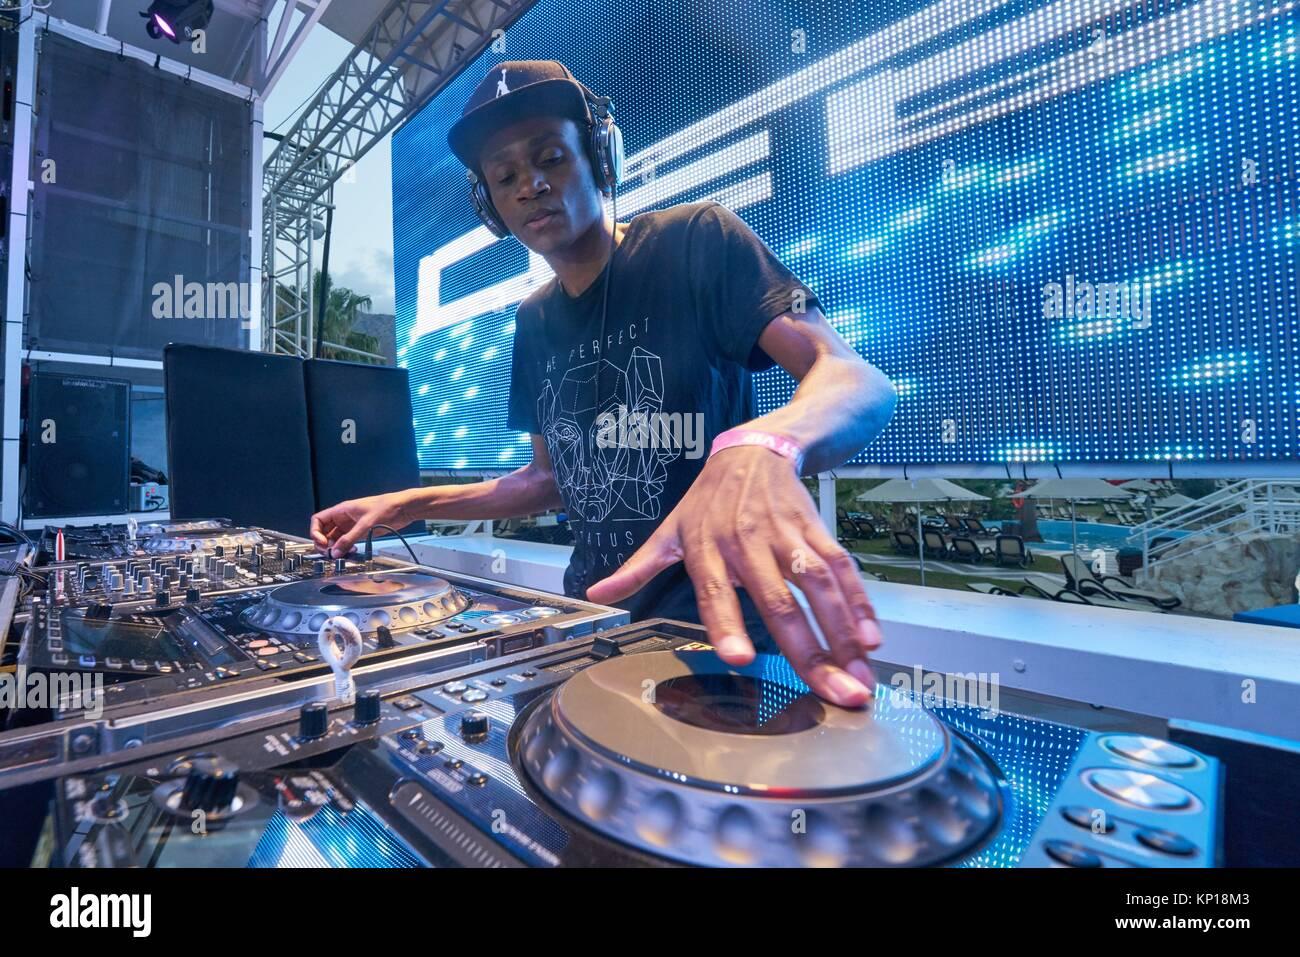 Festival de musique de DJ DebK Starbeach Lovestar au néon à Hersonissos, Crète, Grèce, le 23. Photo Stock